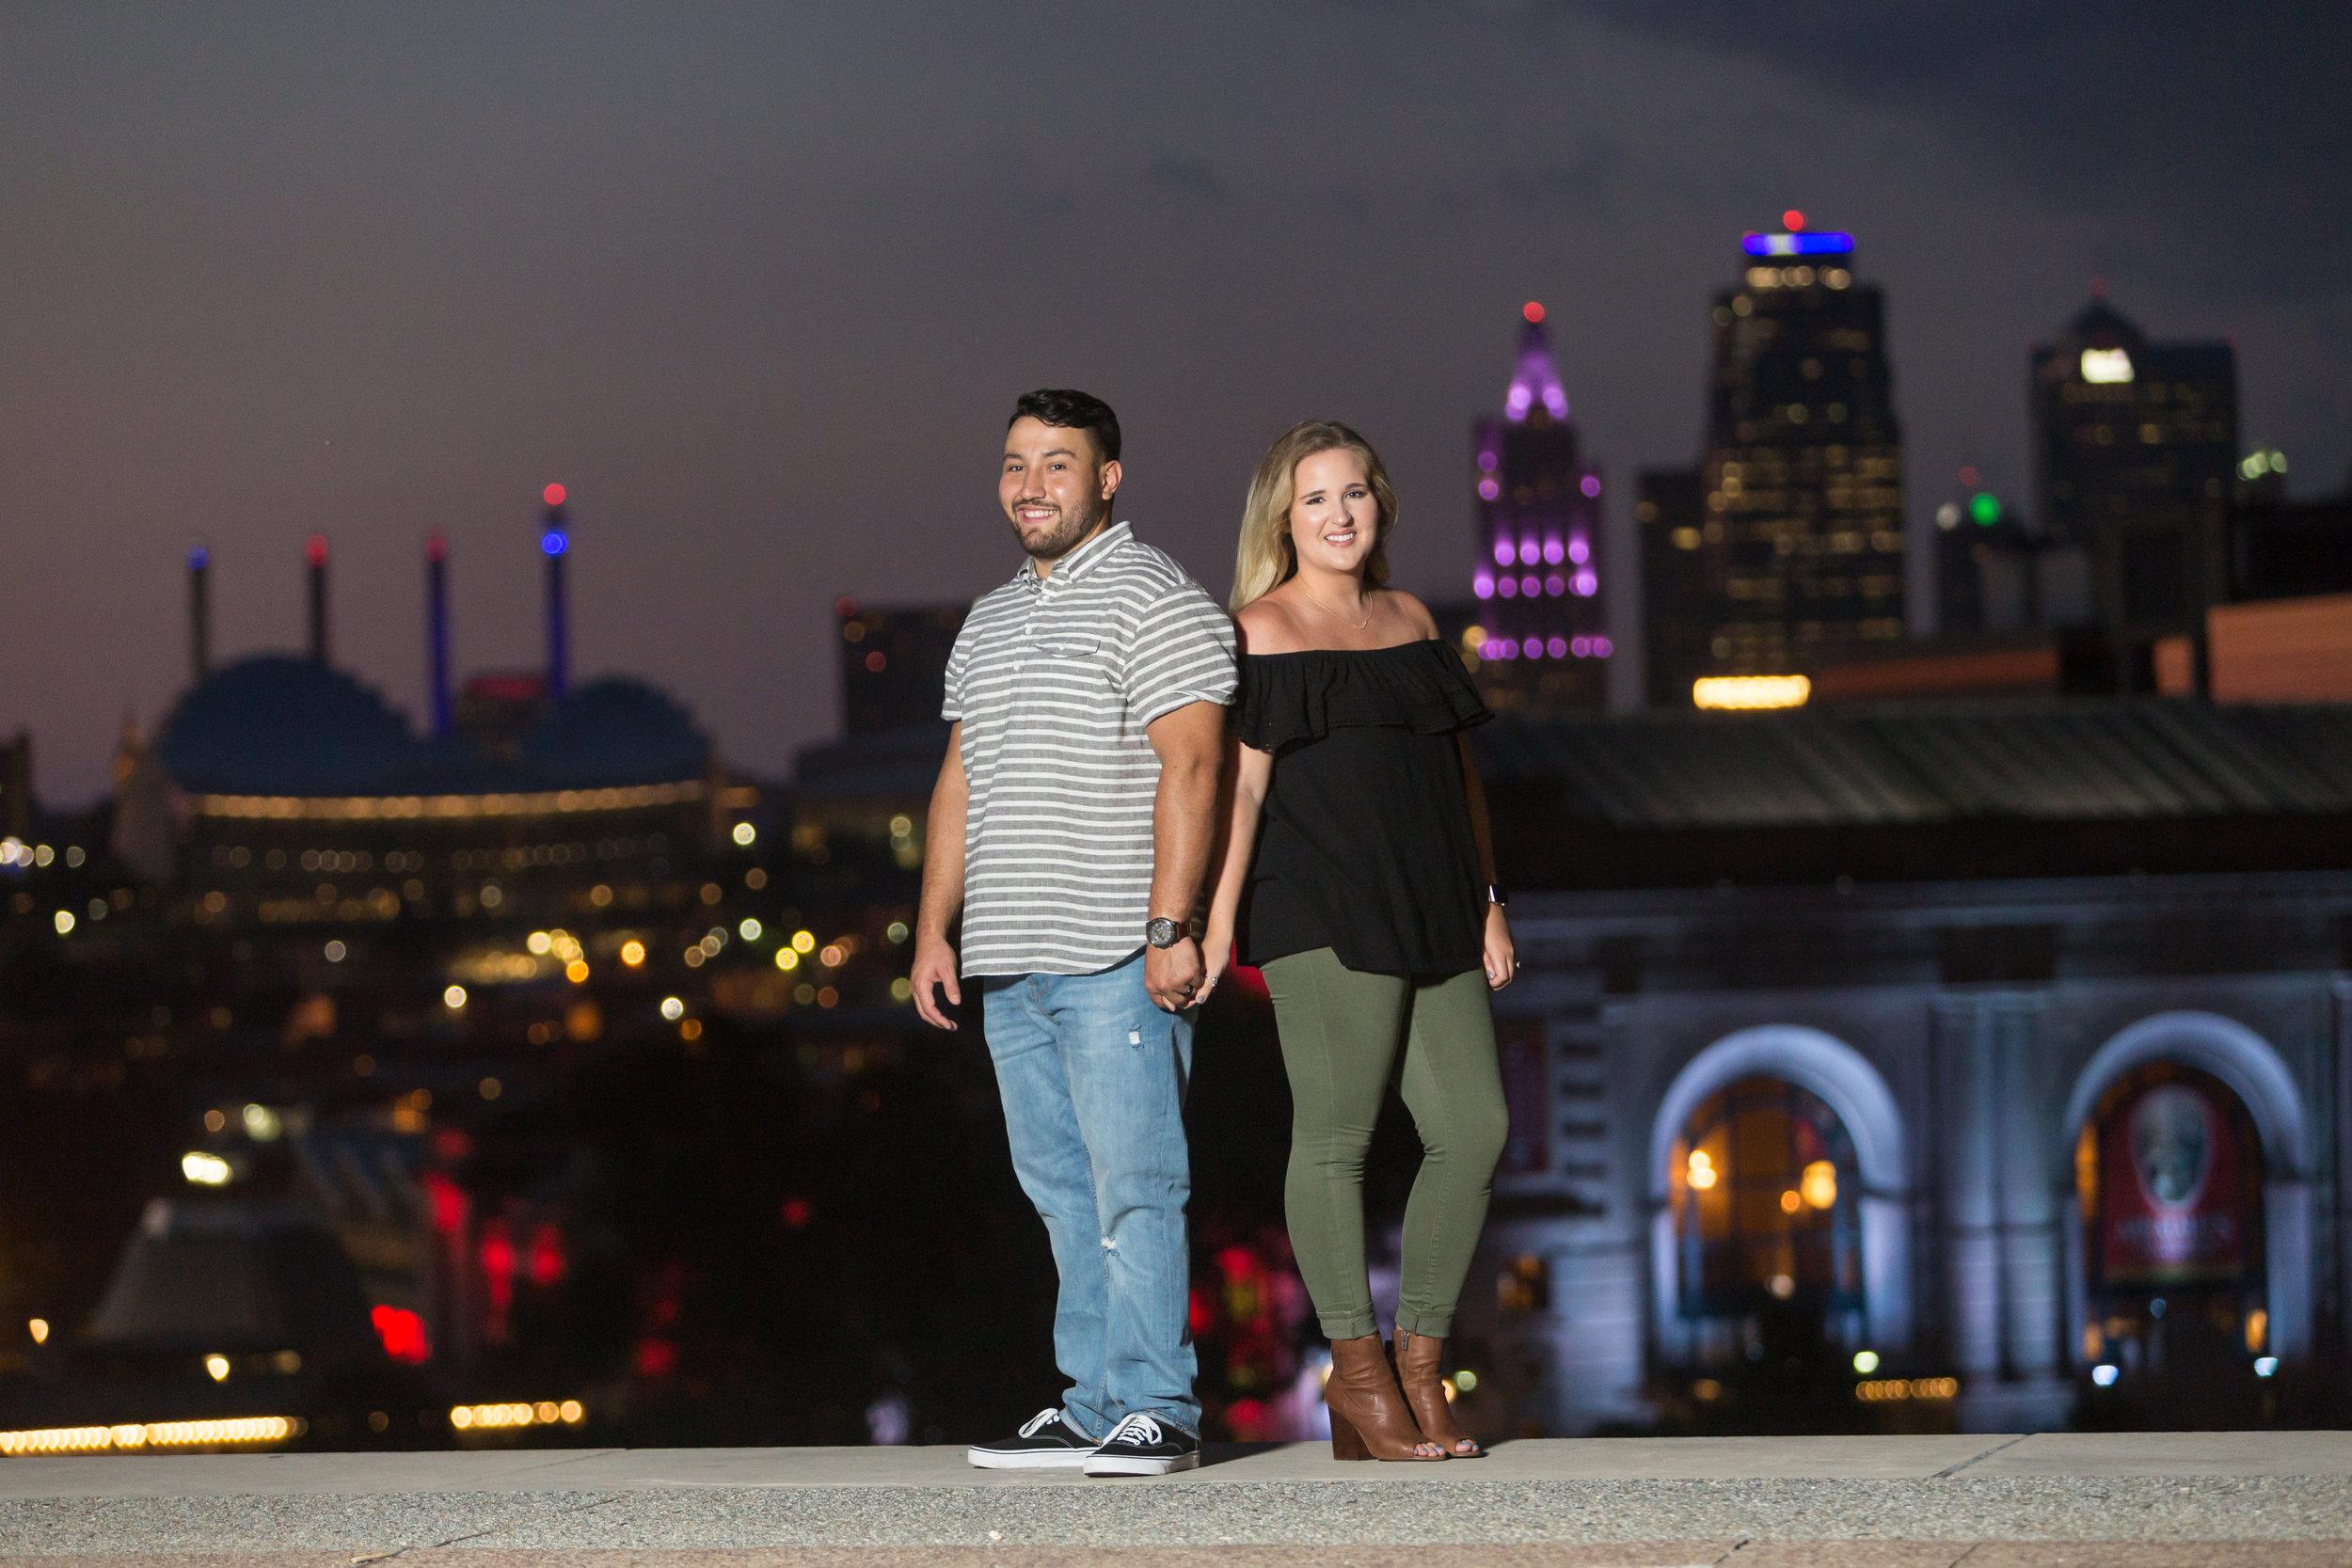 Kansas City Union Station Skyline Couple Photo Session night image